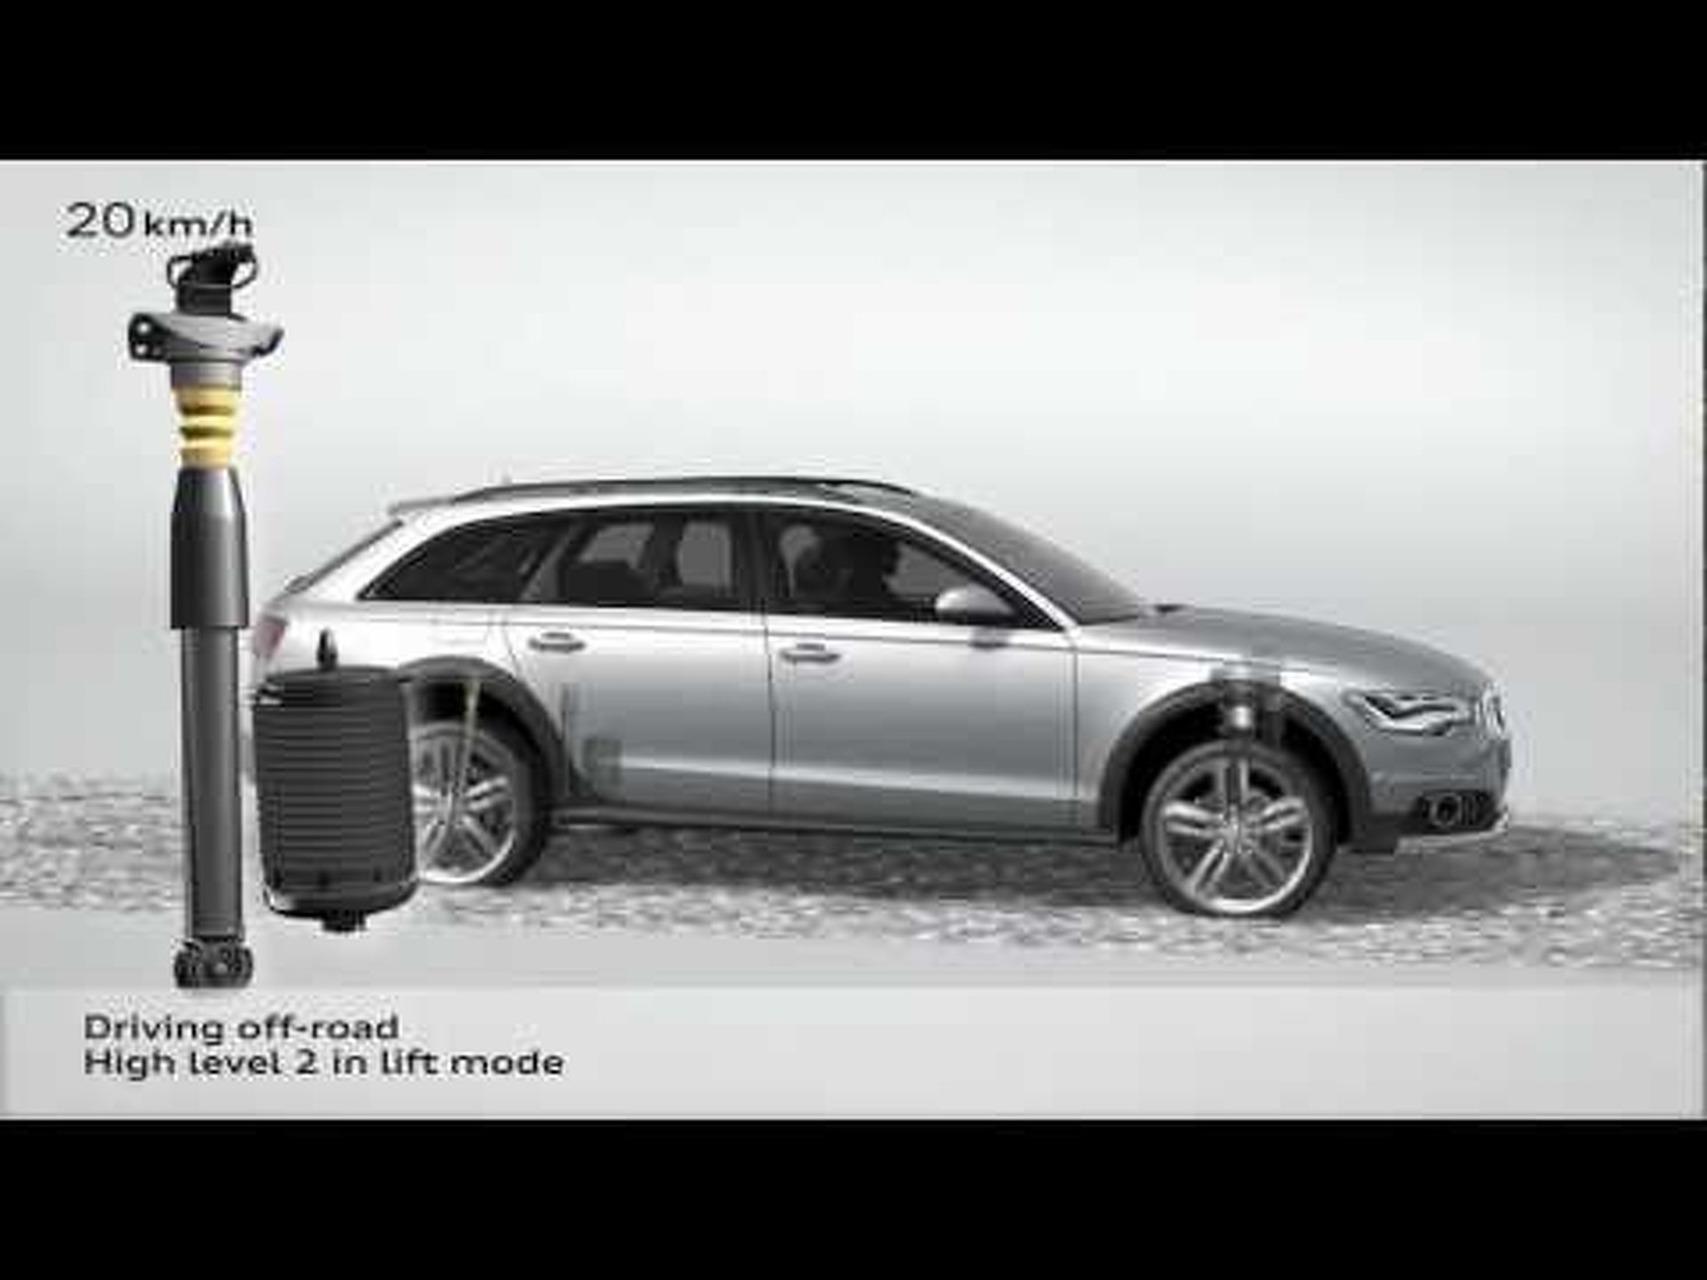 2013 Audi A6 Allroad Quattro Animation